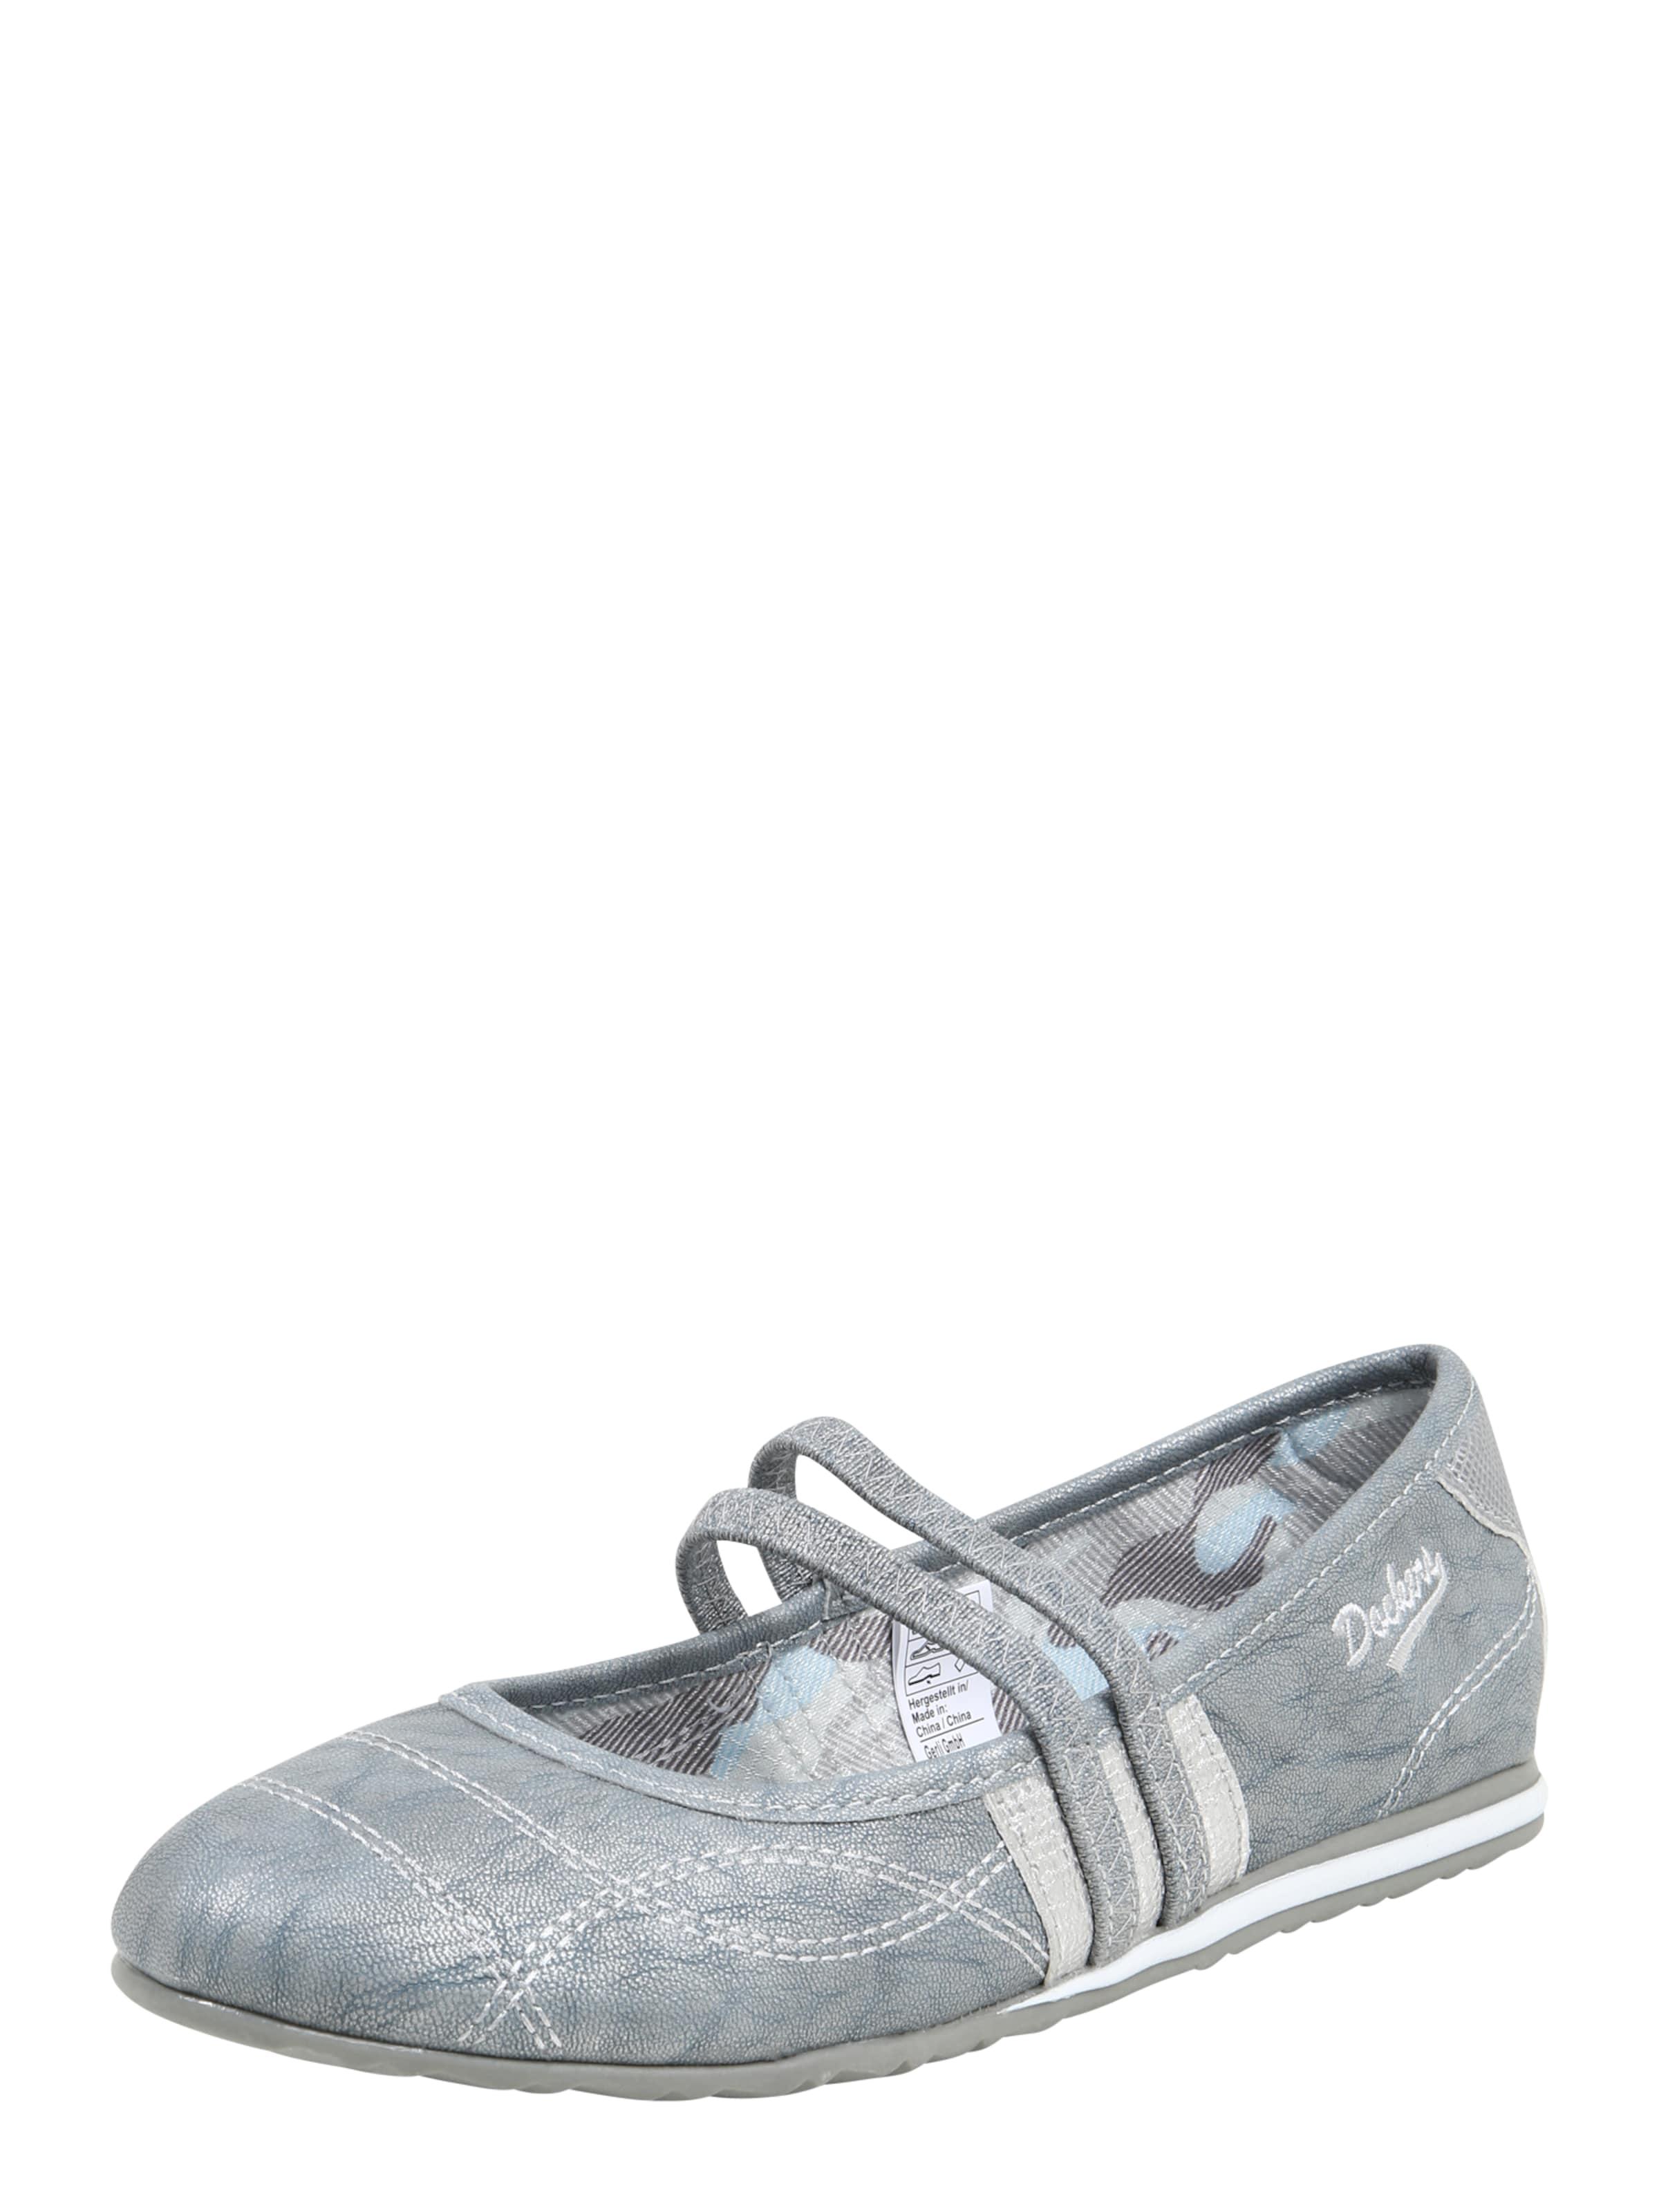 Dockers by Gerli Ballerinas Günstige und langlebige Schuhe